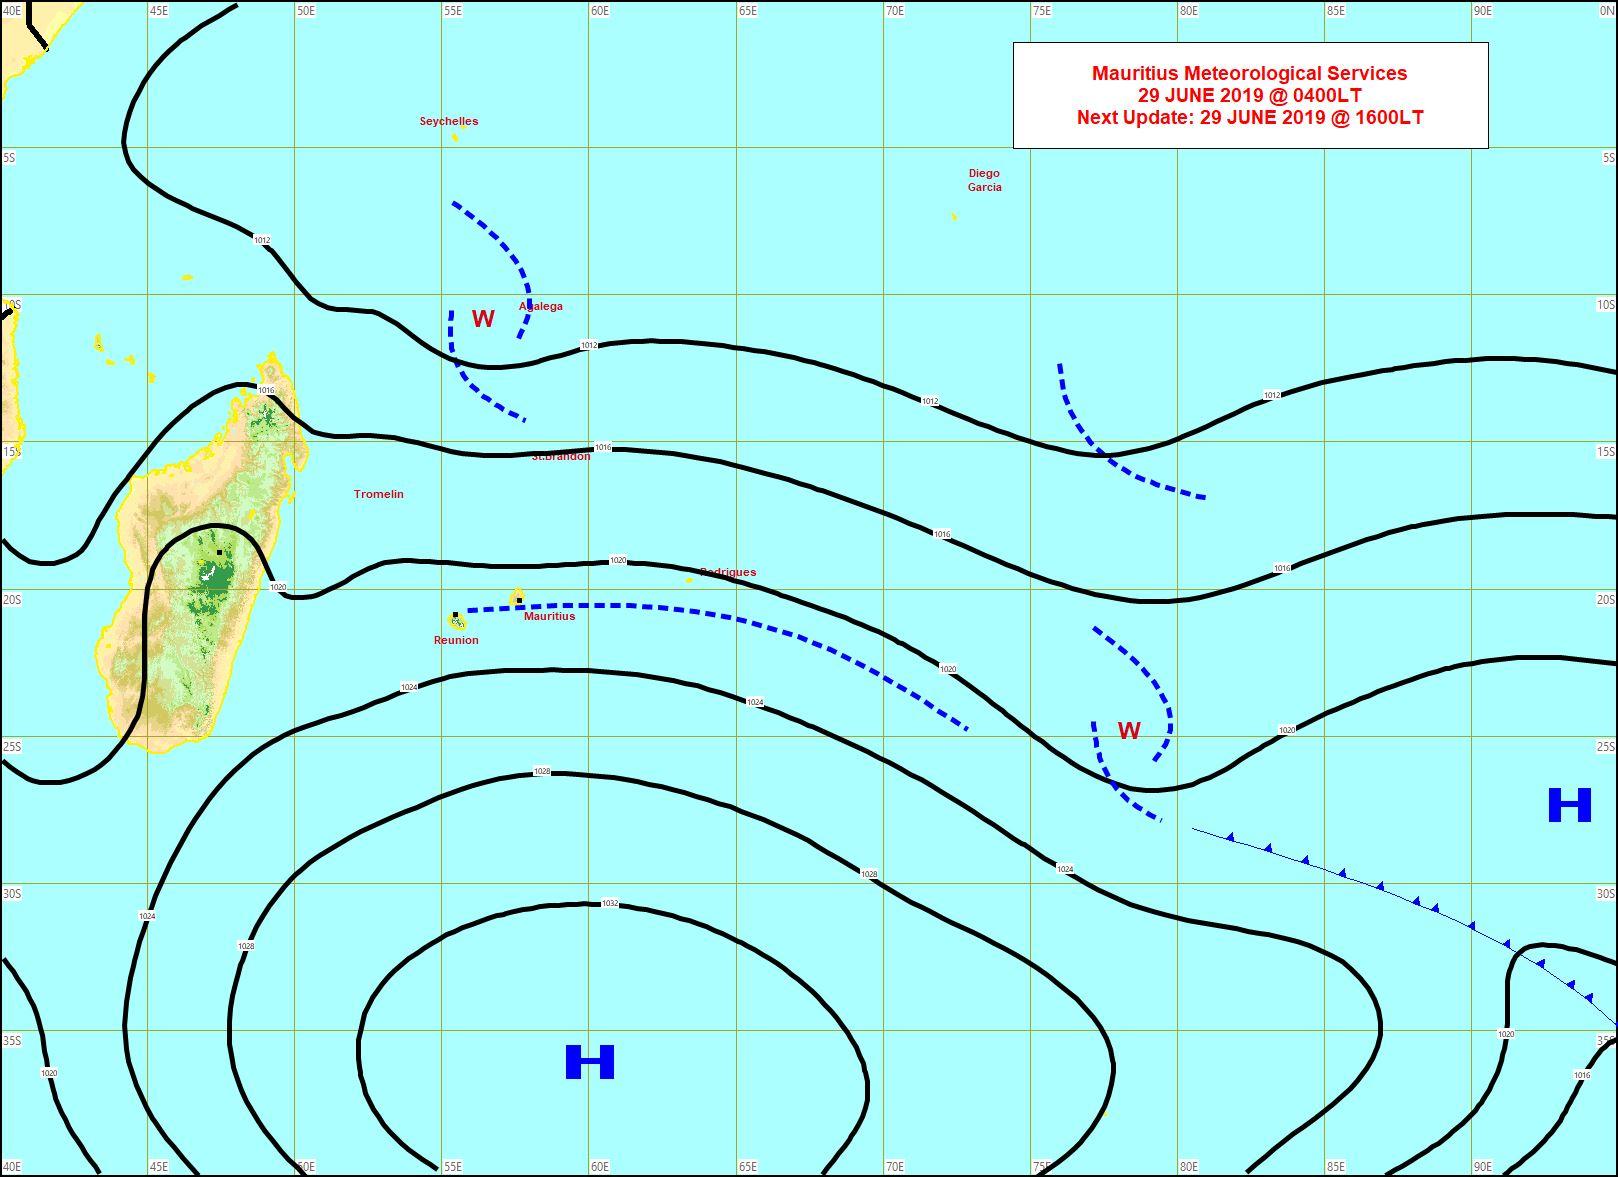 Analyse de surface tôt ce matin. Quelques restes d'un système frontal touchent Maurice. L'anticyclone(H) 1035hpa est encore vaillant et s'affaiblit graduellement. Encore des averses sur Agaléga. MMS